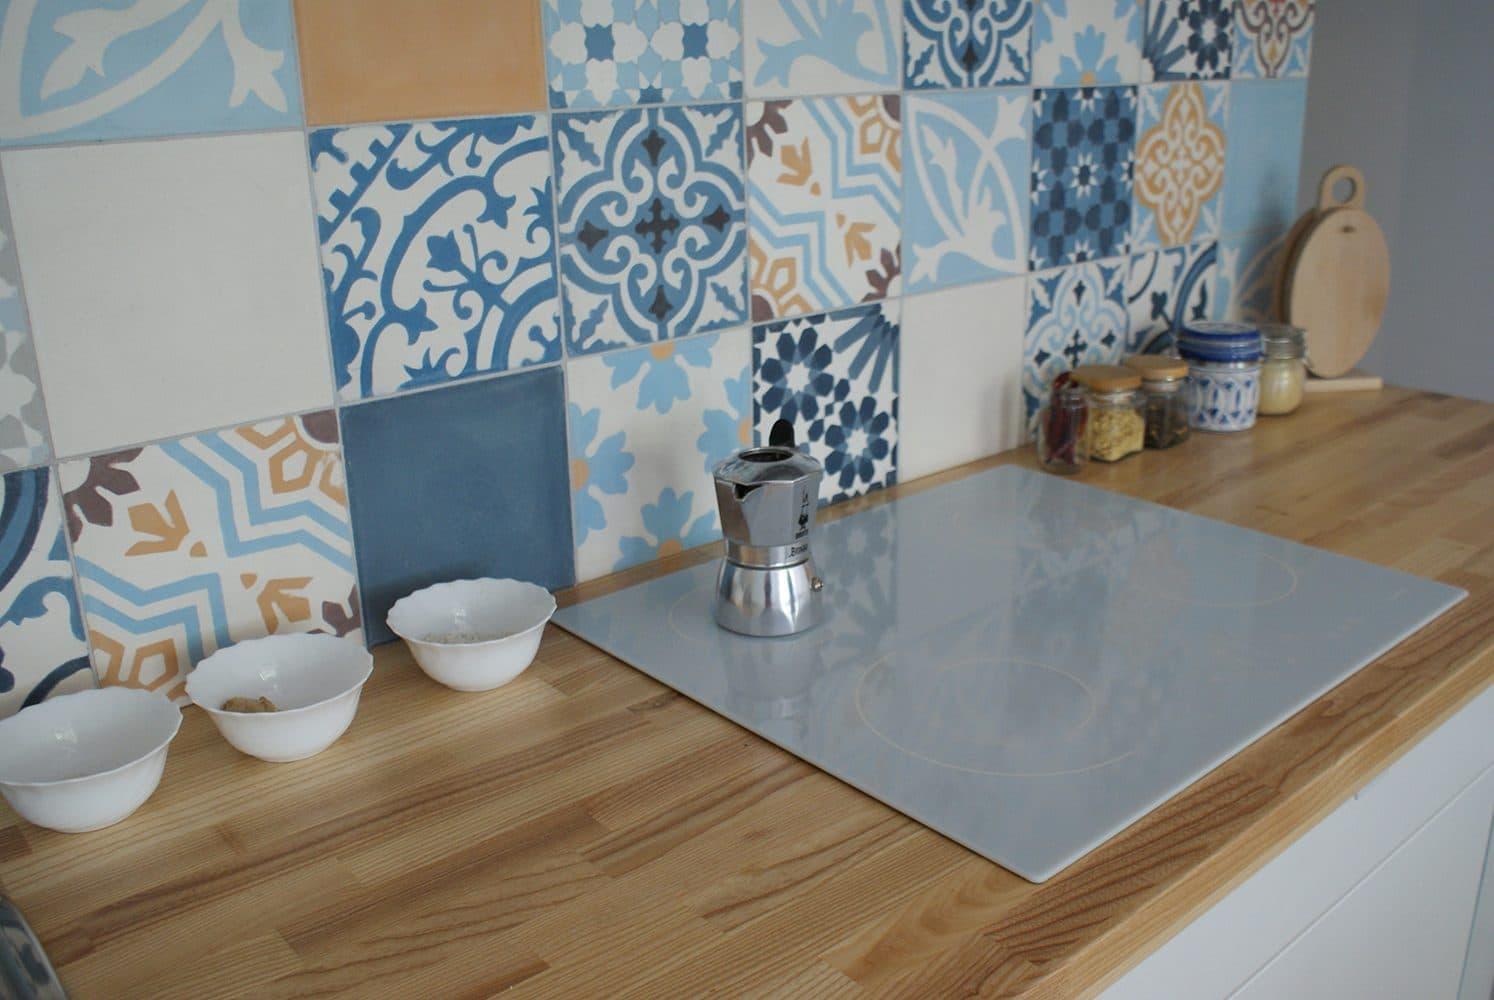 Fliesenspiegel Küche Patchwork Patchworkdecke Häkeln Anleitung Zum